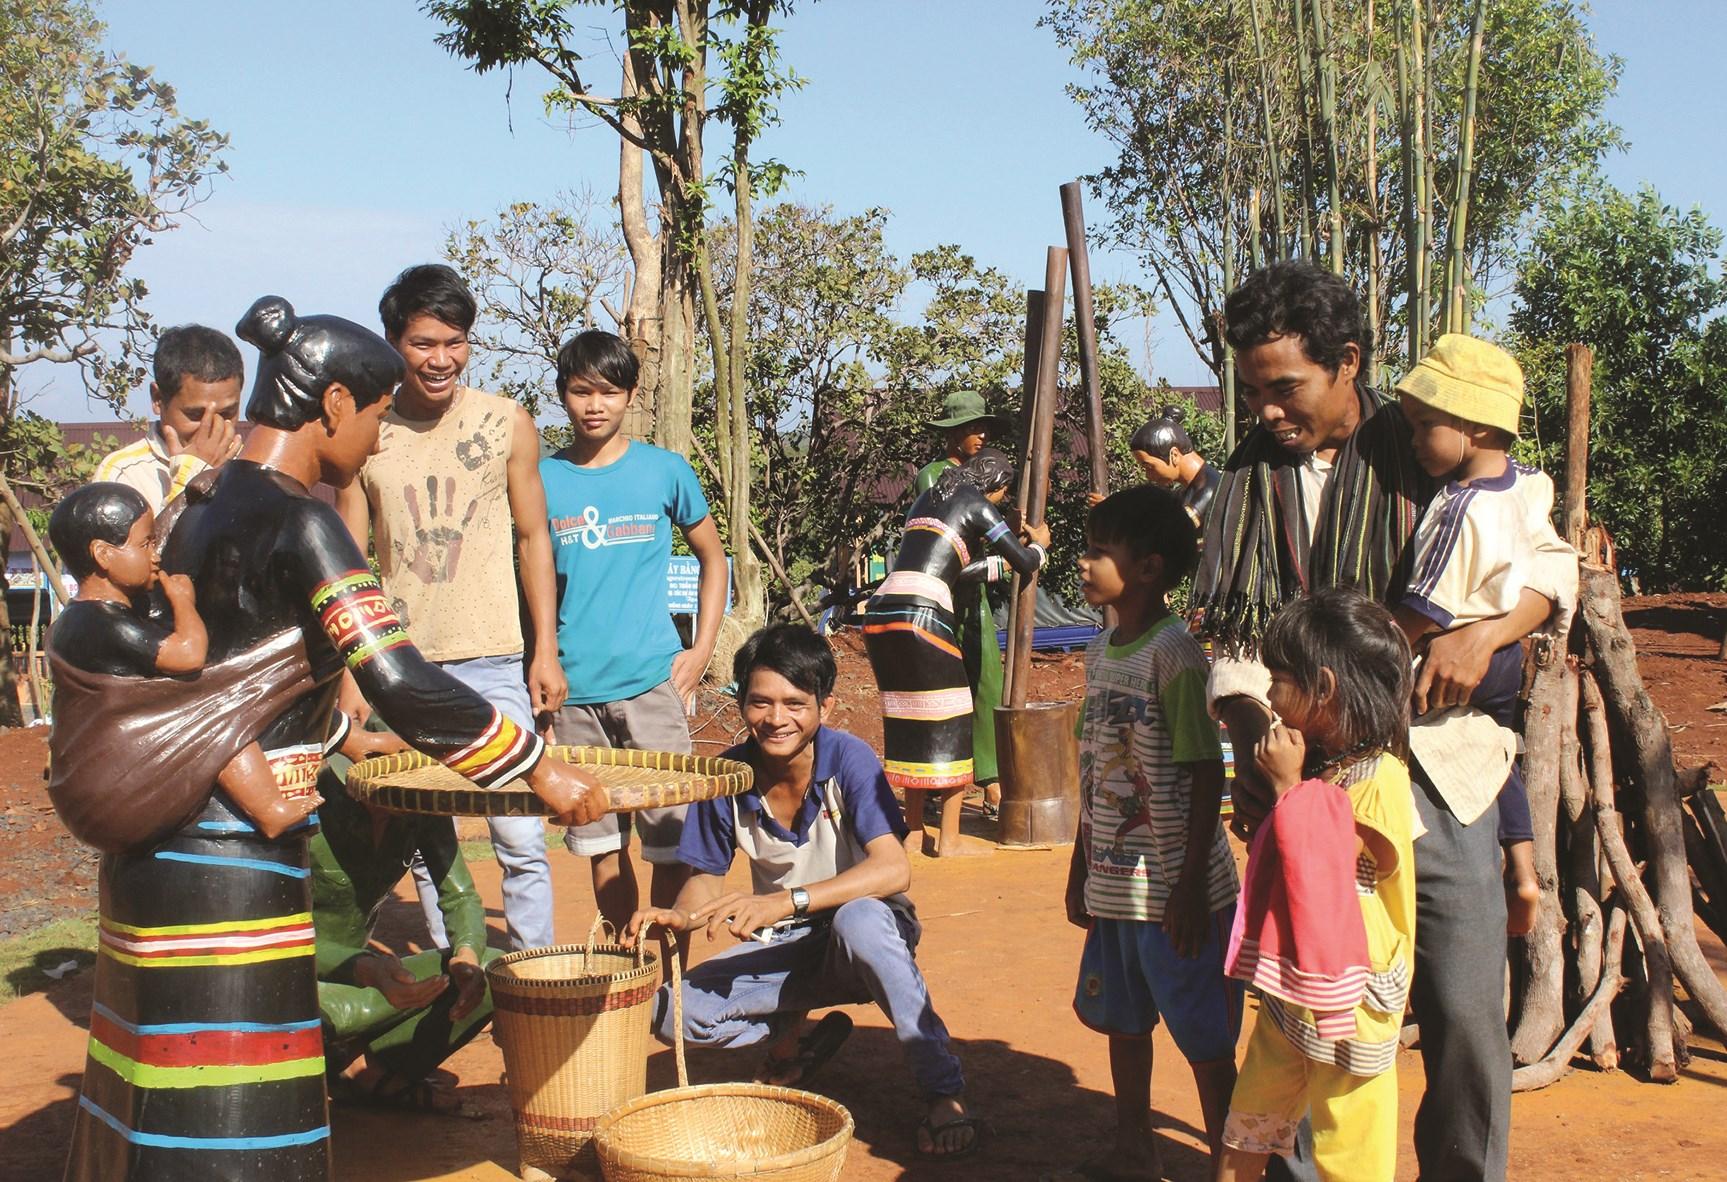 Người dân Bom Bo vui mừng bên hình ảnh tái hiện tiếng chày giã gạo. (Ảnh Bùi Liêm)